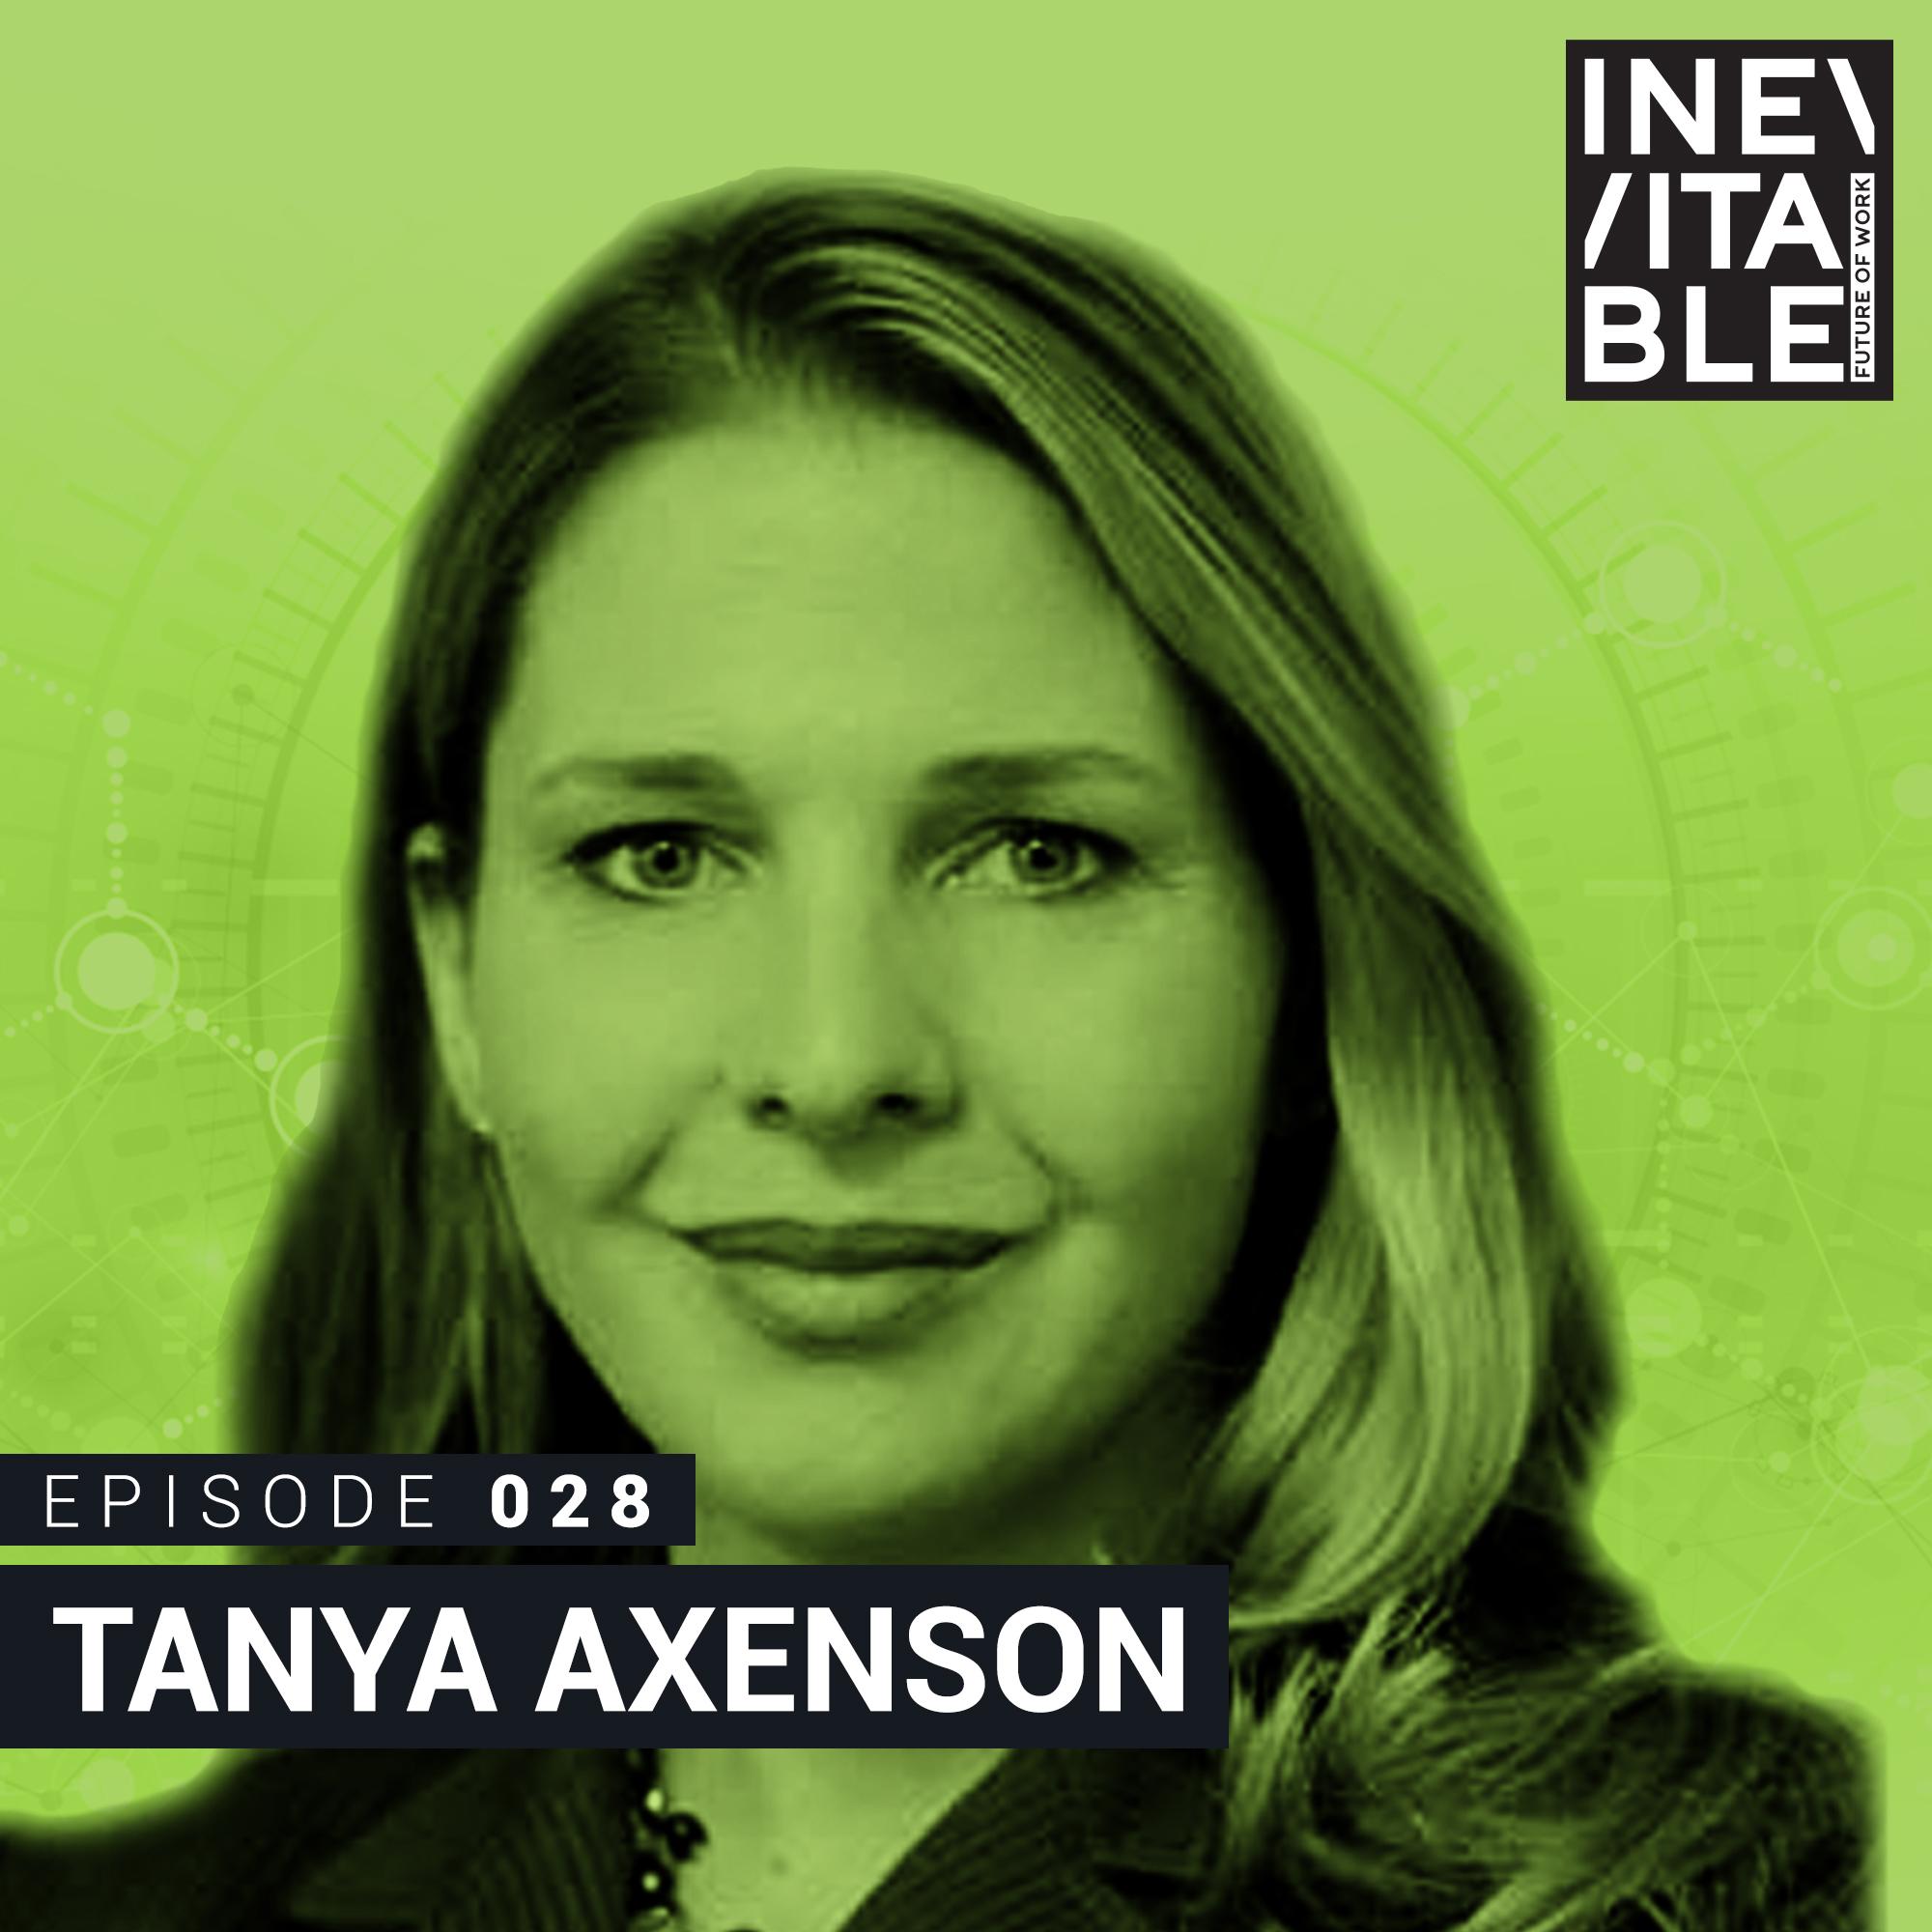 Tanya Axenson